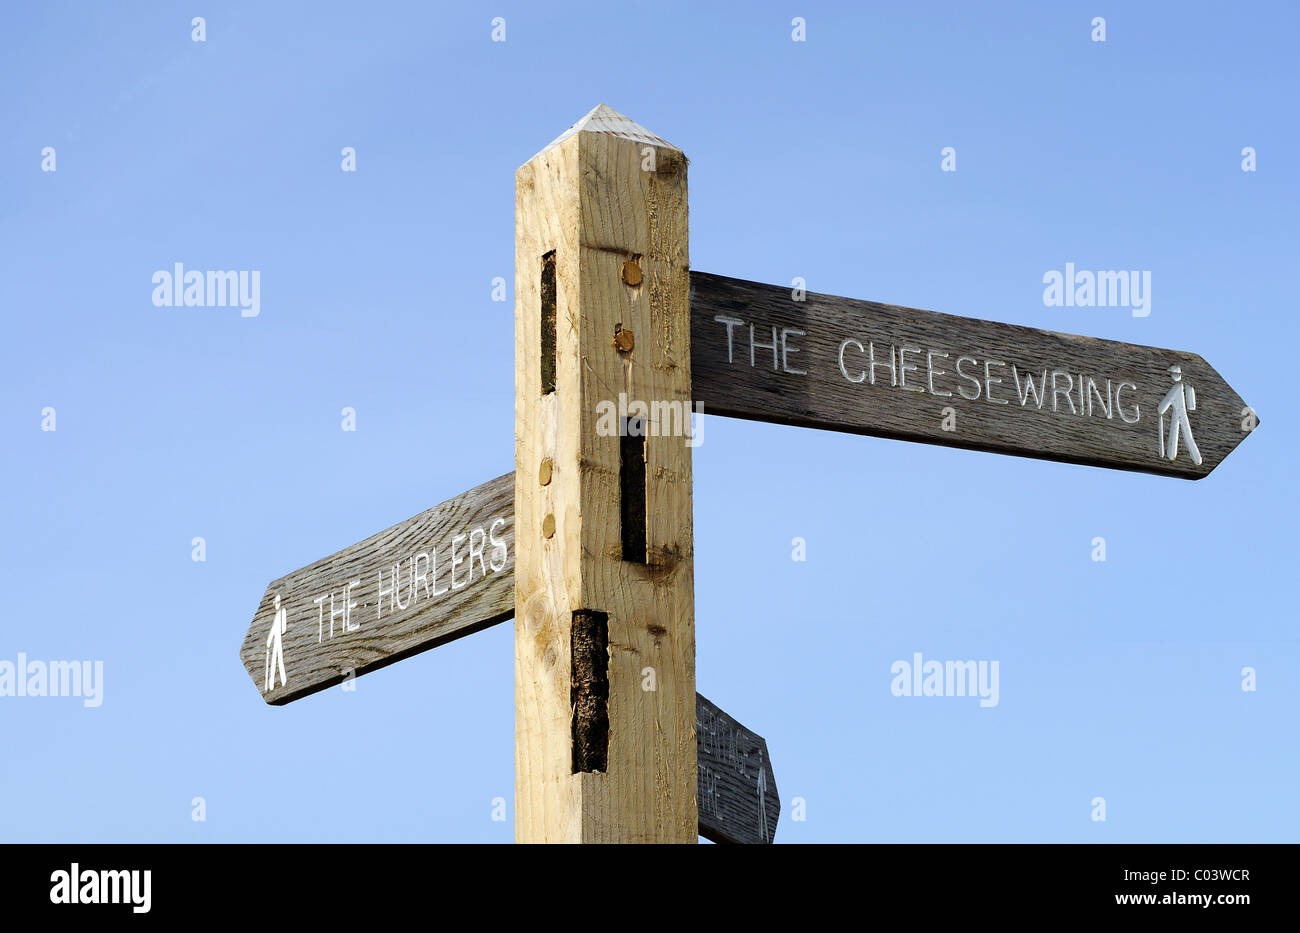 Un segno di direzione per il cheesewring ' ' e ' ' hurlers su Bodmin Moor, Cornwall, Regno Unito Immagini Stock